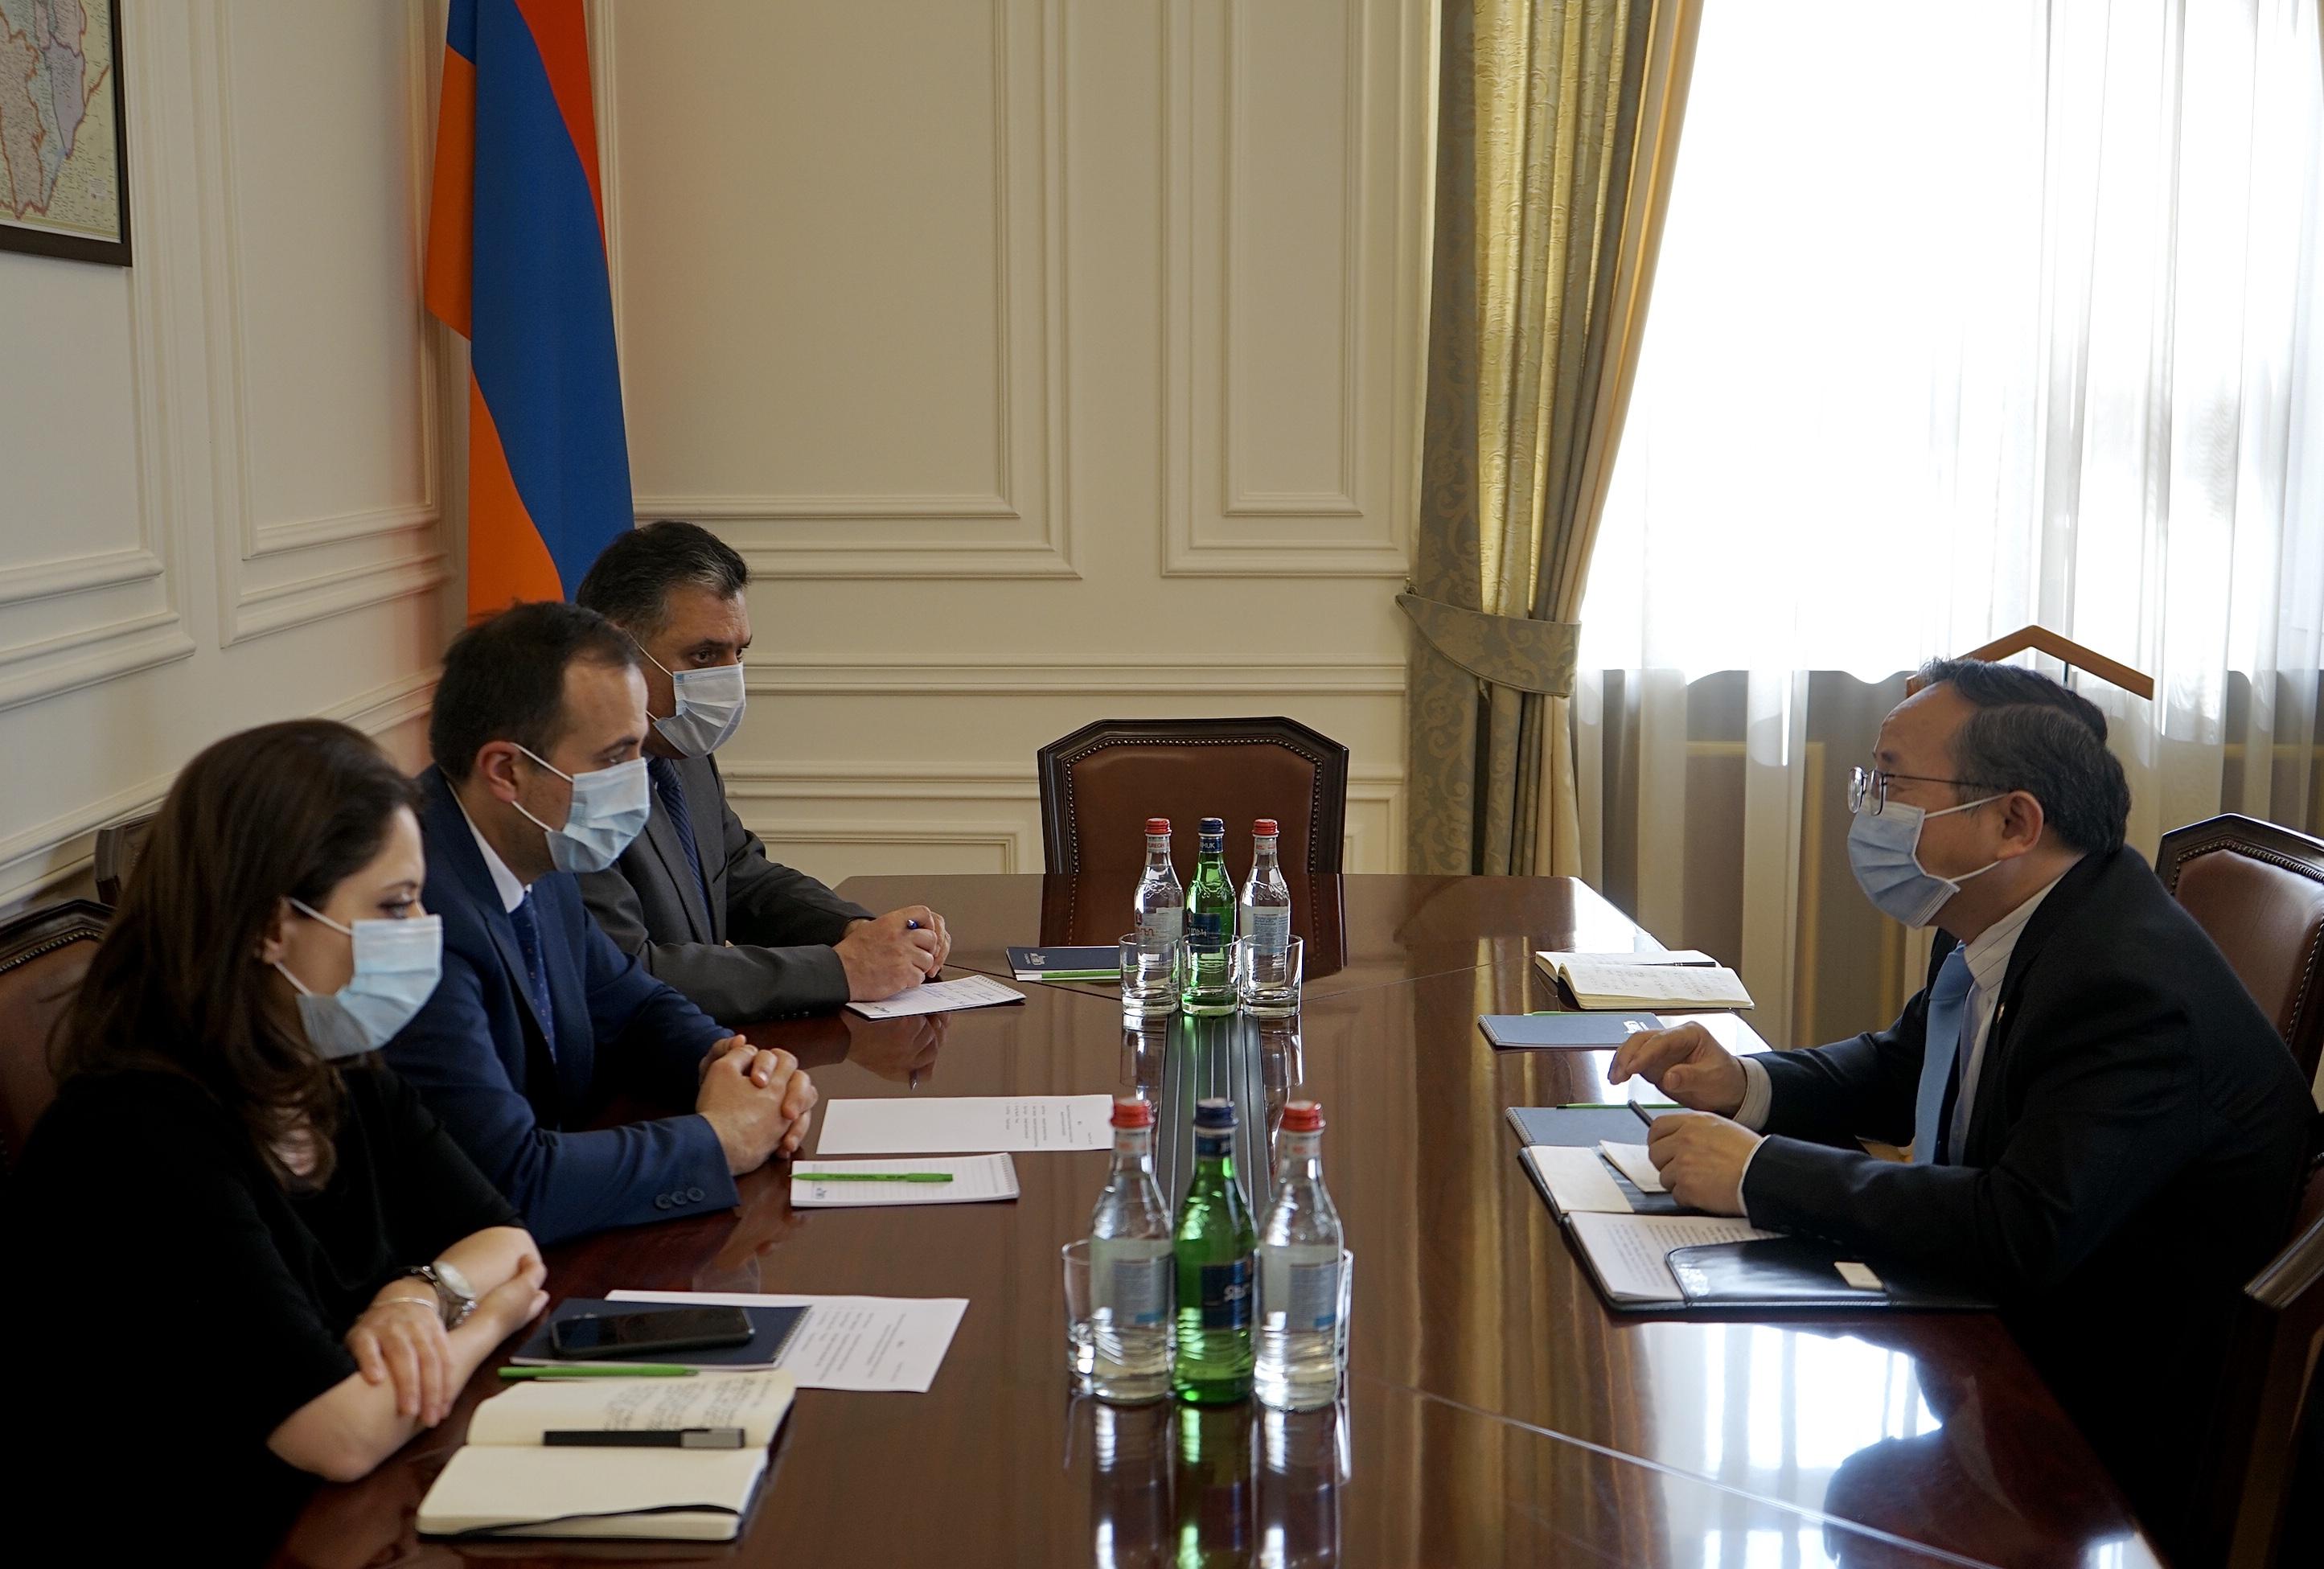 Photo of Արսեն Թորոսյանը և ՉԺՀ դեսպանը քննարկել են ՀՀ և ՉԺՀ կառավարությունների փոխգործակցության զարգացման հեռանկարները